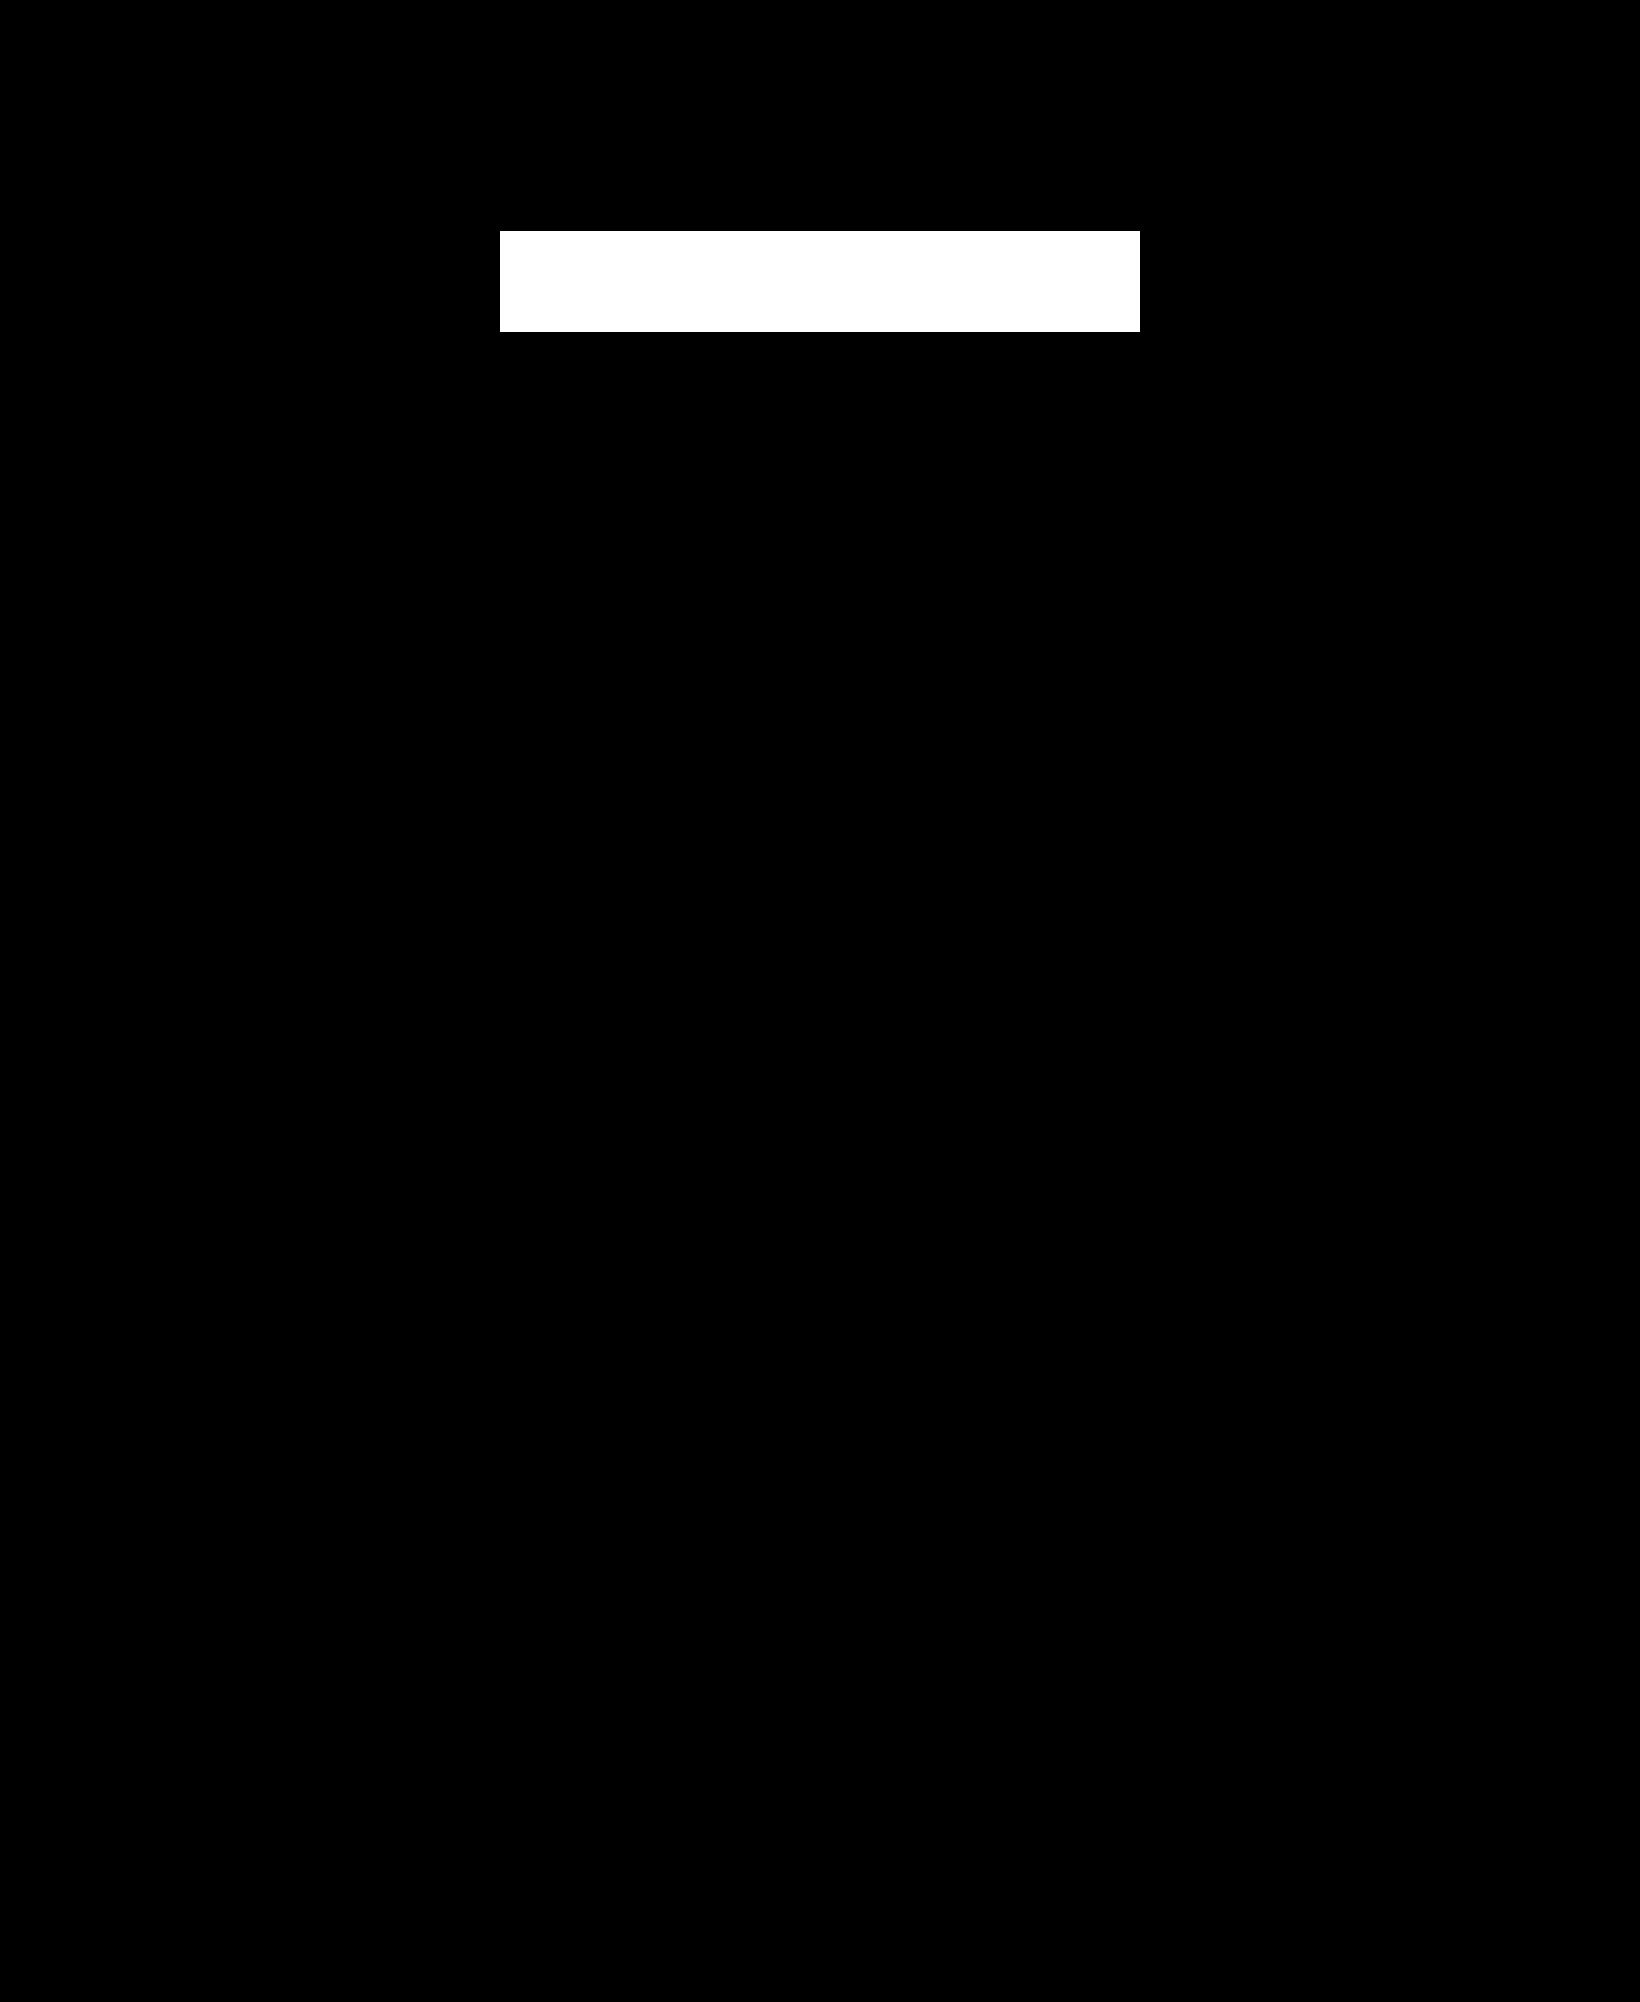 SOLAR : La mécanique de l'ombre